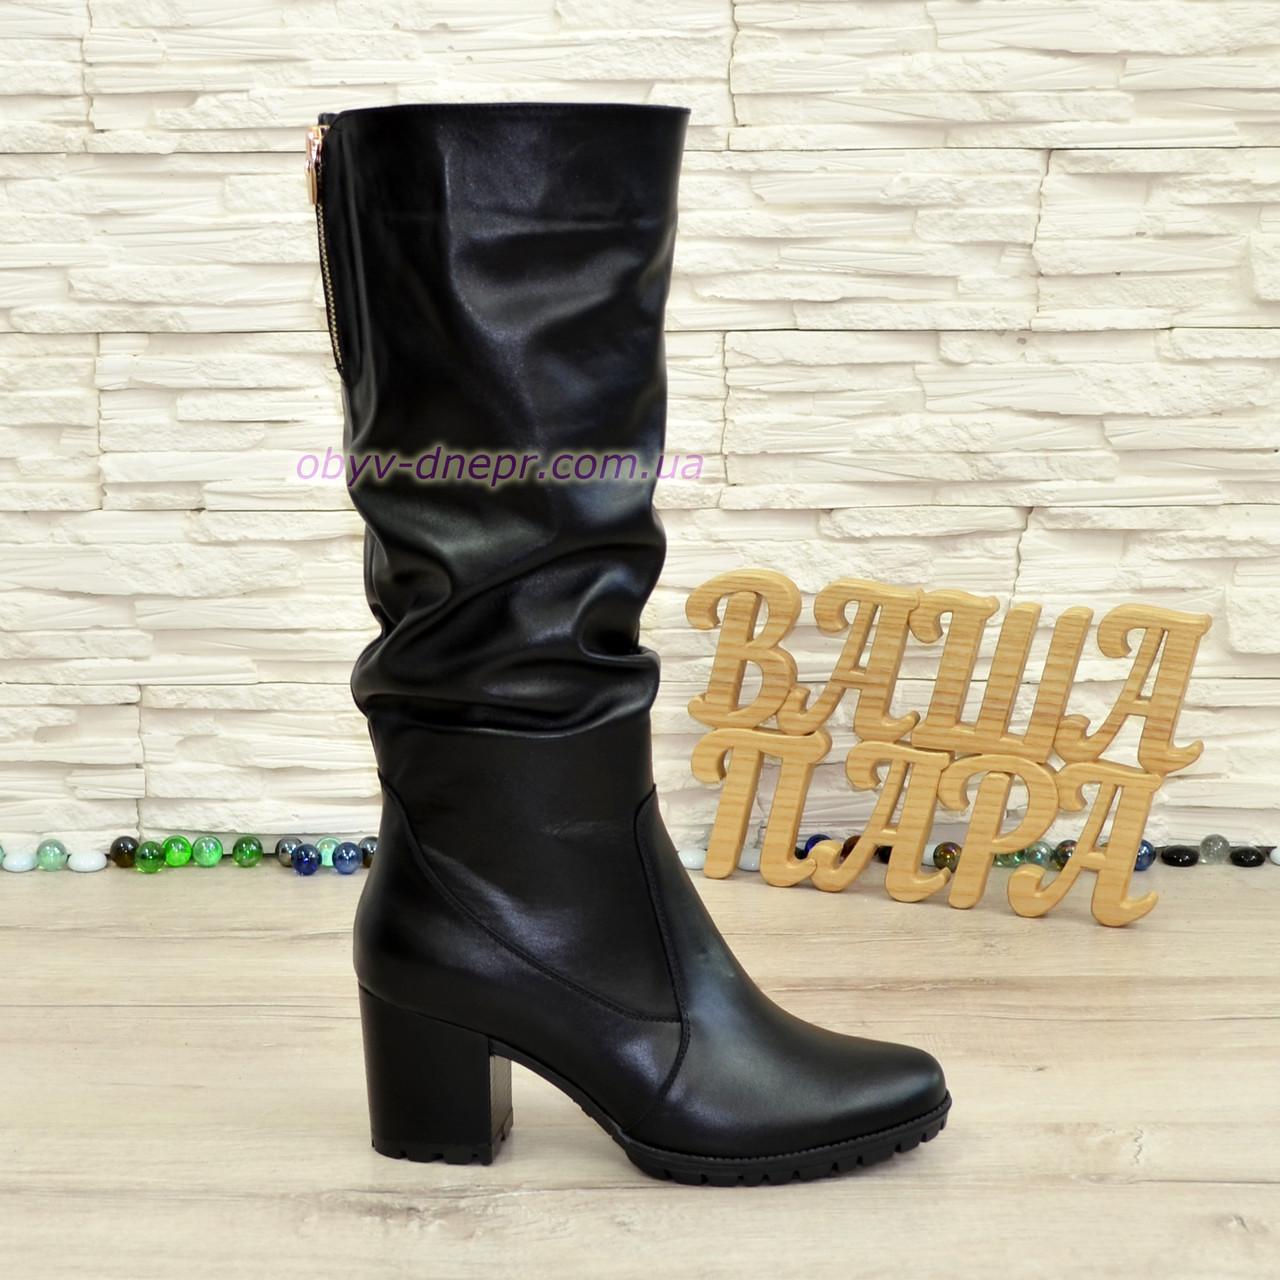 Сапоги женские зимние черные кожаные на устойчивом каблуке